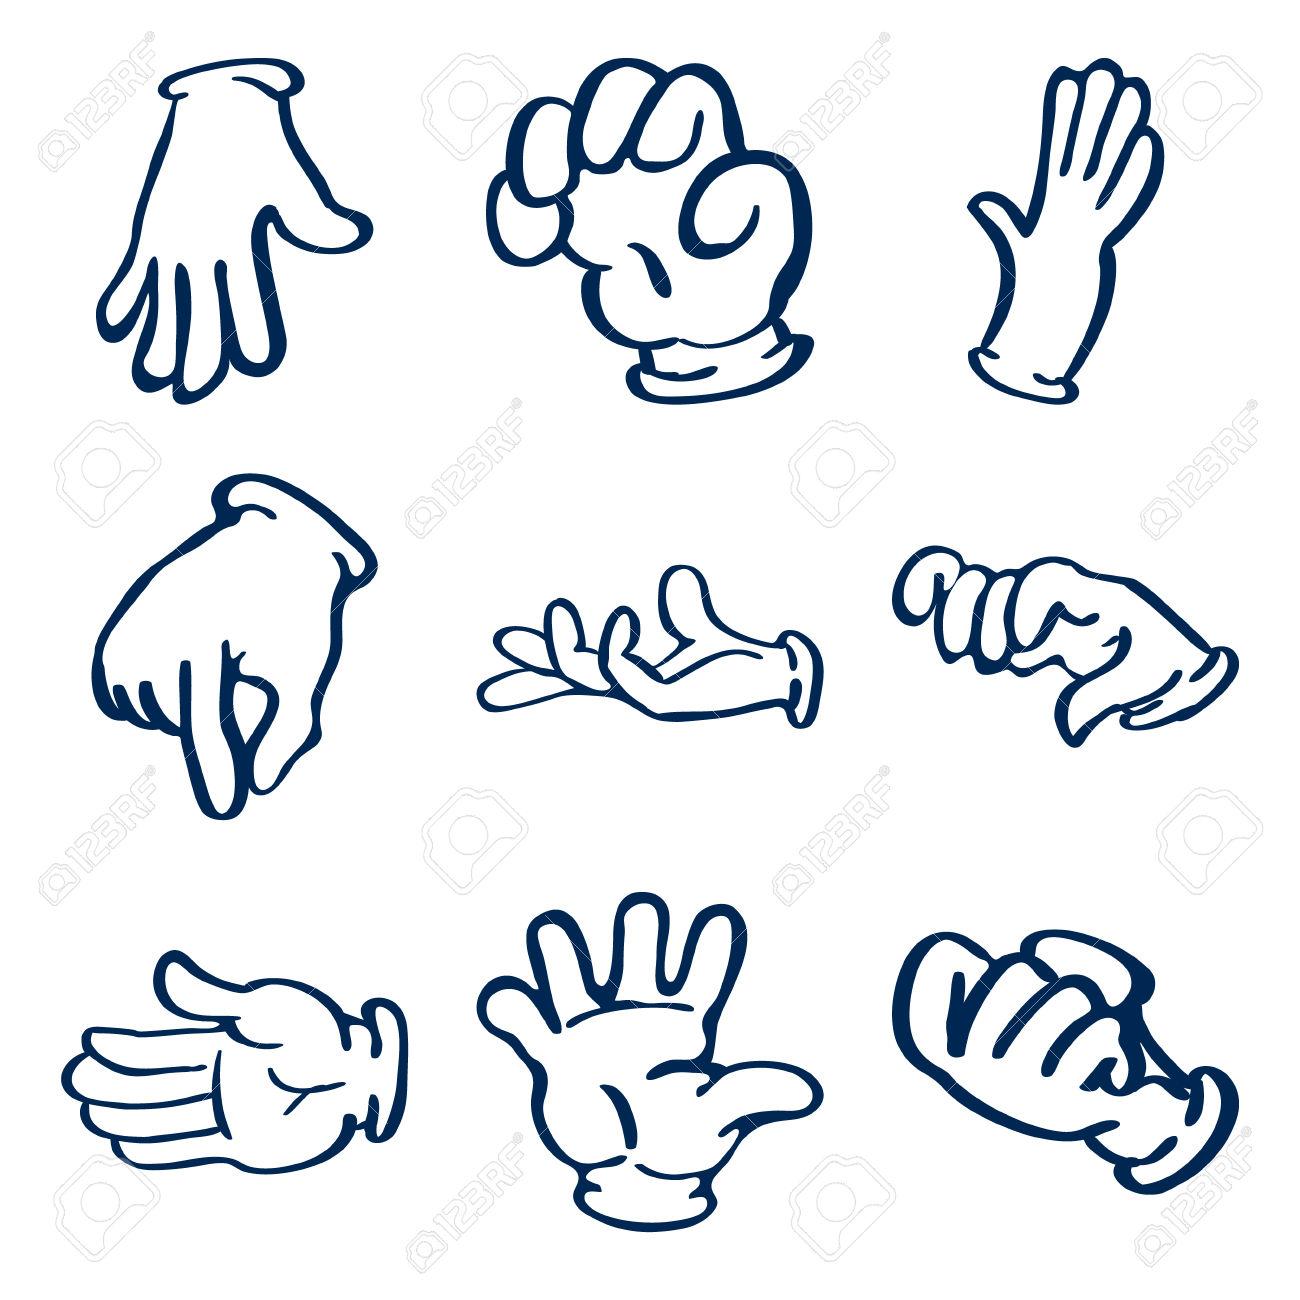 Cartoon Gloved Hands. Vector Clip Art Illustration Royalty Free.